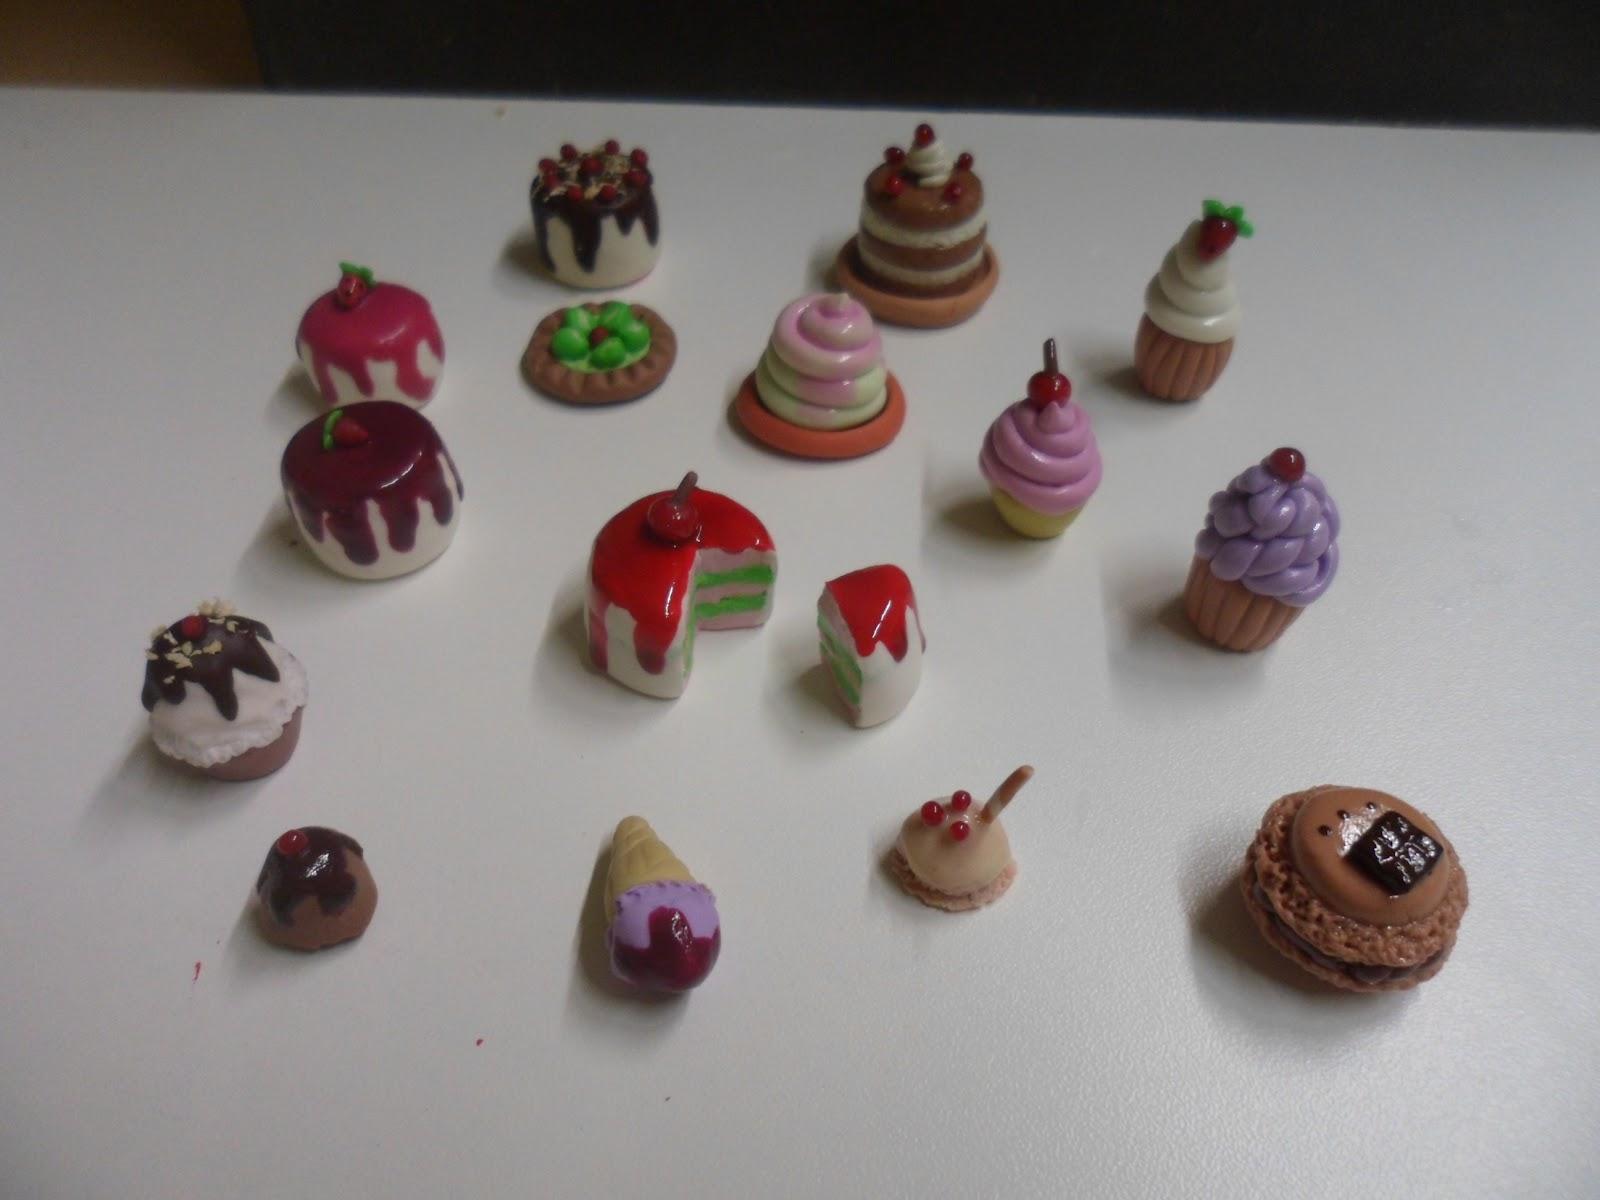 #396928 Tem pra todo o gosto! De cupcake a macaron!! yumi!! 1600x1200 px Projeto Cozinha Confeitaria #2489 imagens